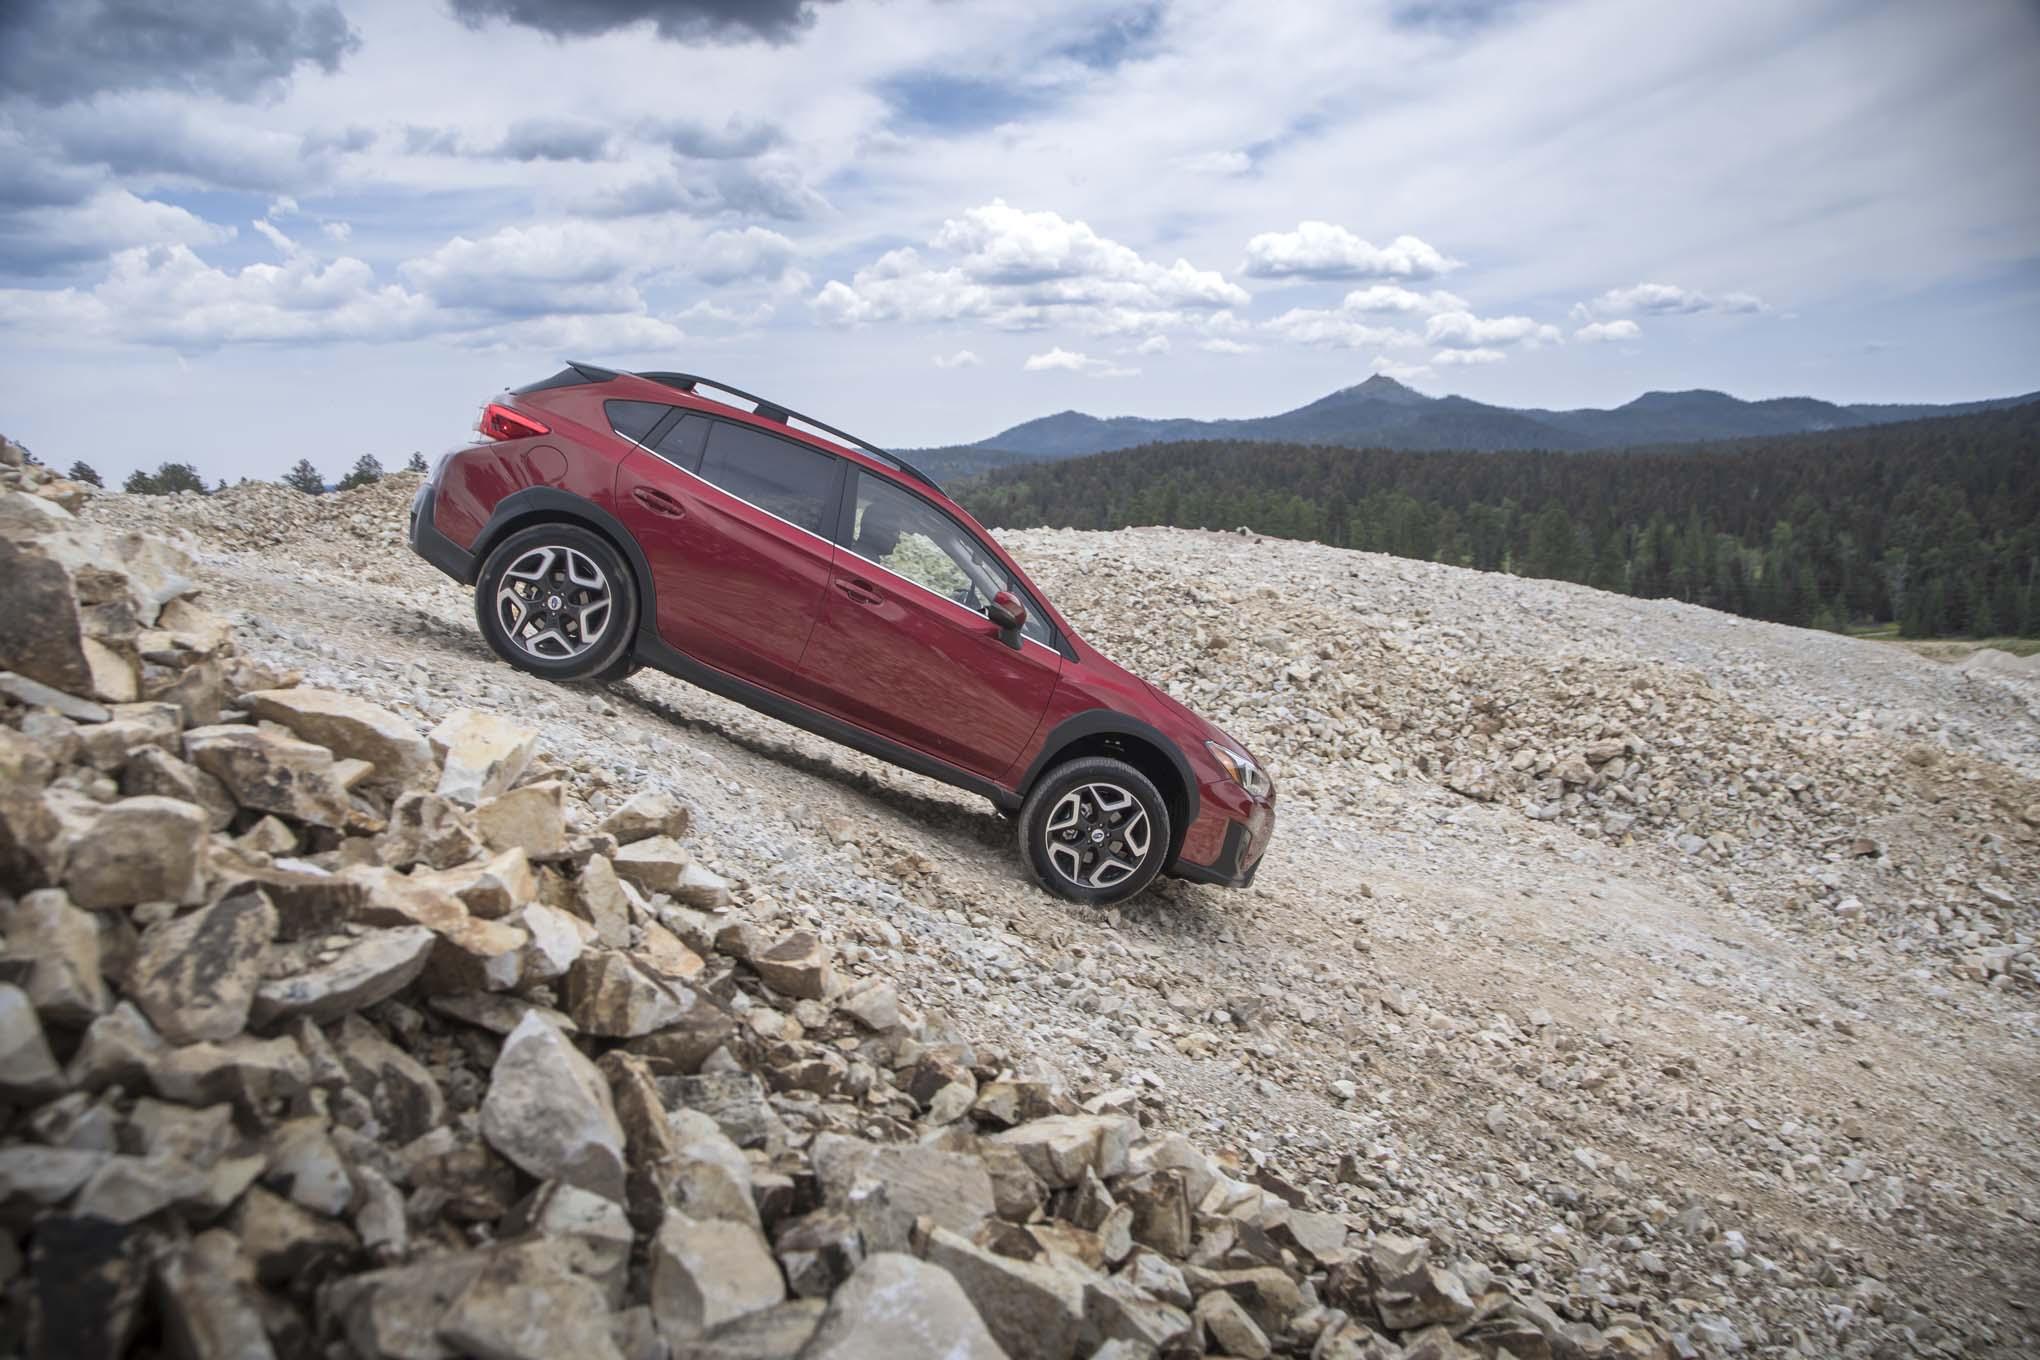 2018 Subaru Crosstrek Side Offroad 02